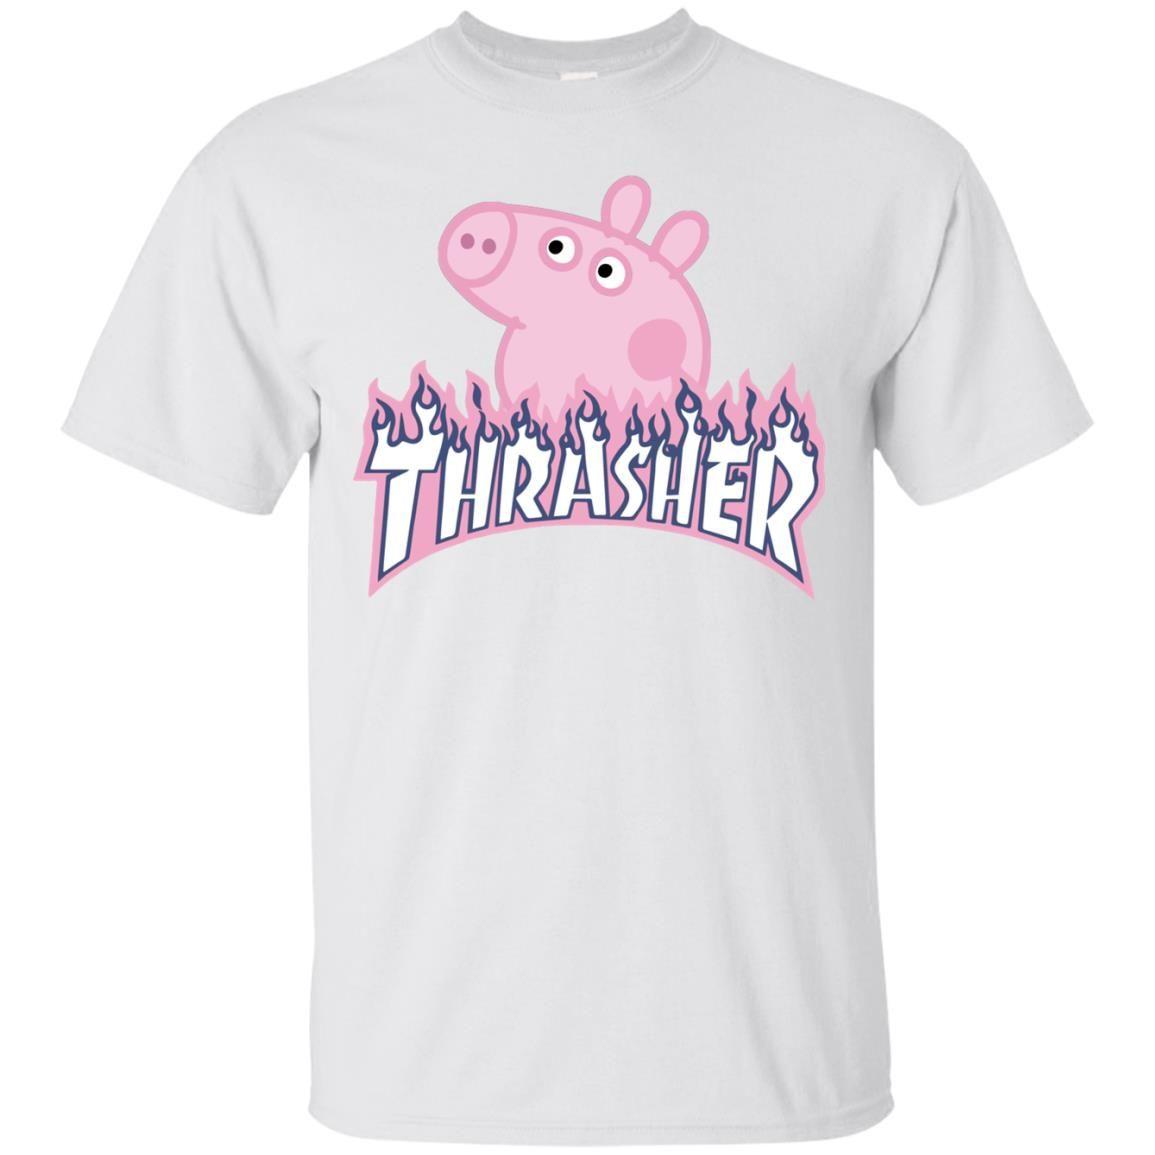 9c3c29a974d Thrasher Peppa Pig t-shirt